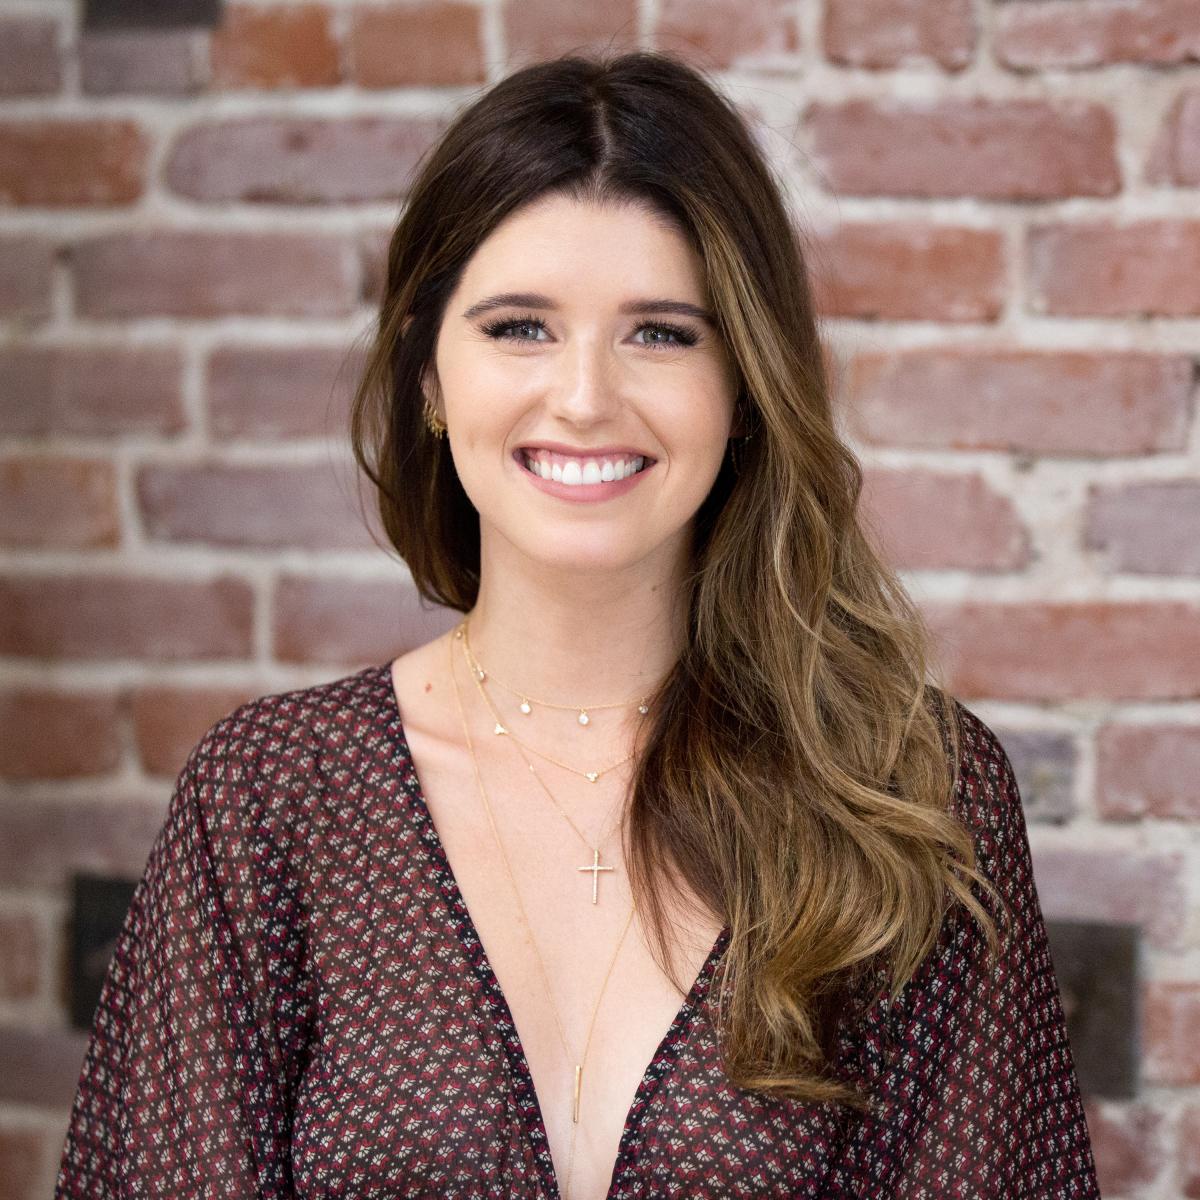 キャサリンは南カリフォルニア大学でコミュニケーション学とジャーナリズム論を修めた才女で、現在は作家兼ブロガーとして活躍している。Photo:Getty Images